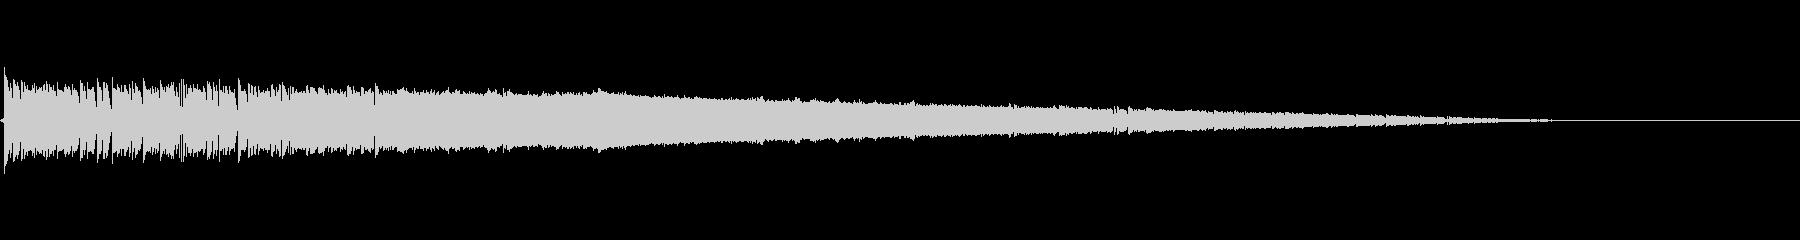 ゴゴゴ・・・バシューン(ロケット打上げ)の未再生の波形